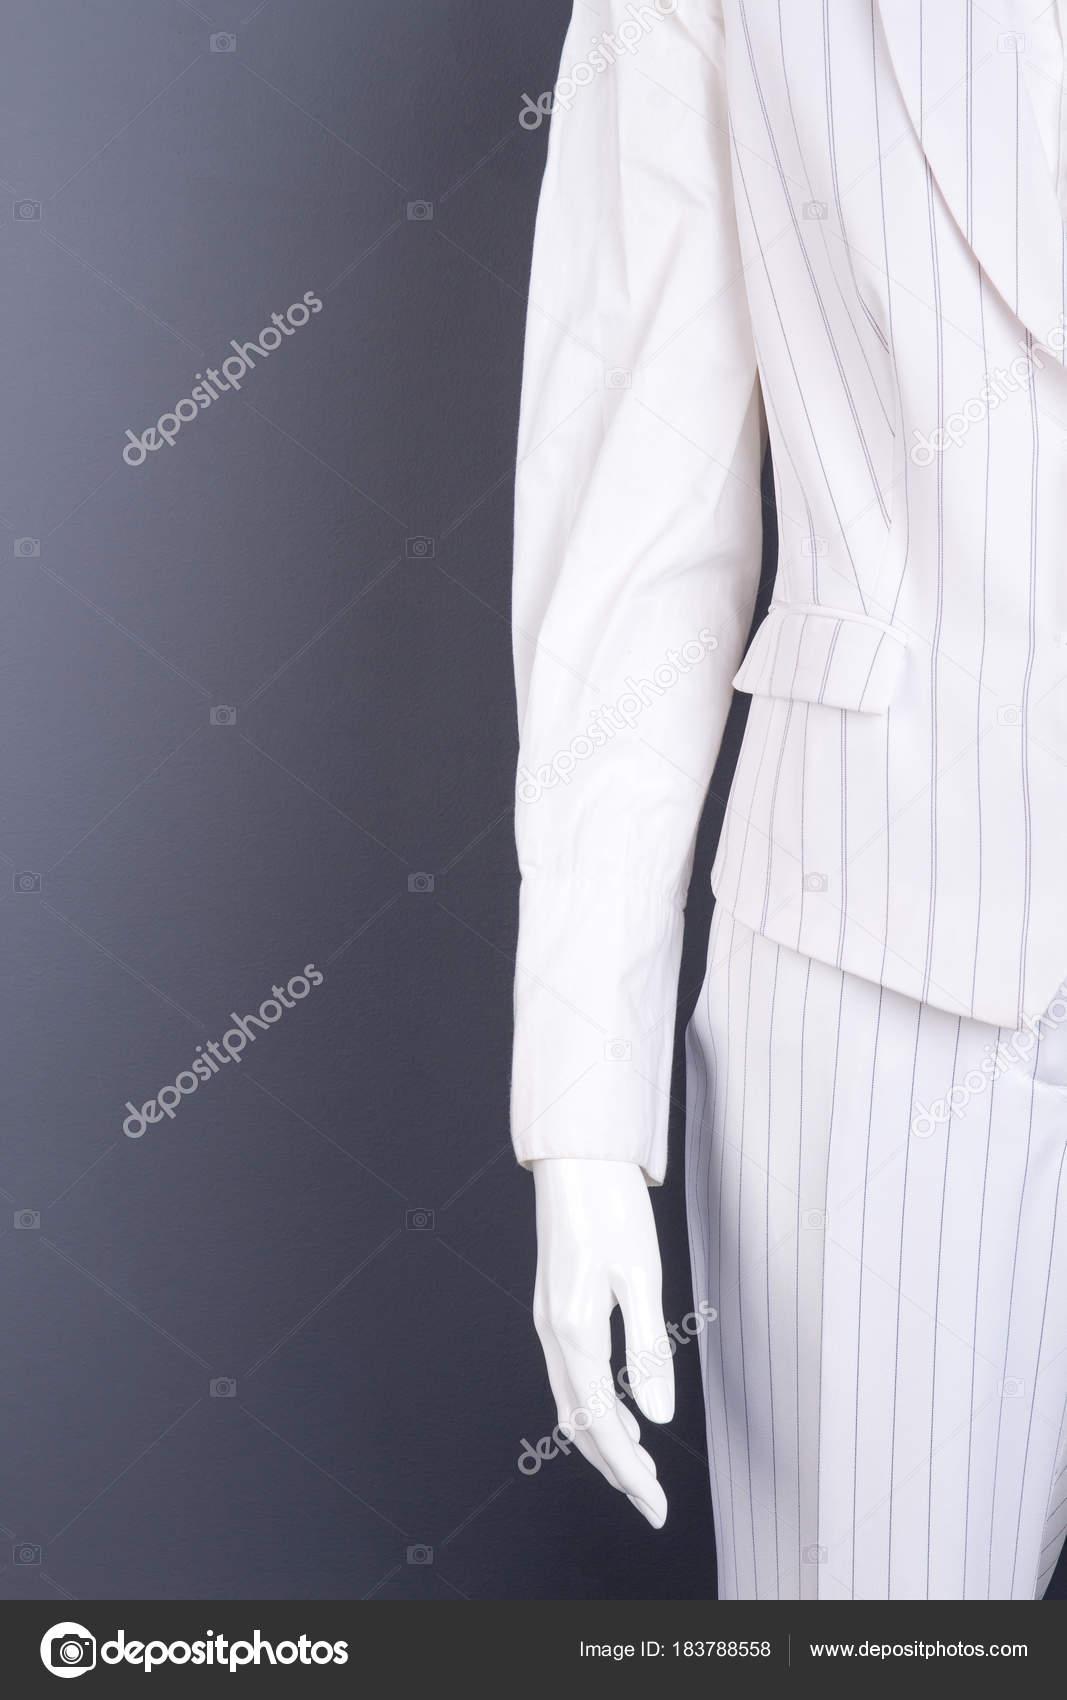 88ab3fafc Maniquí femenino en traje de rayas blanca. Las mujeres blancas color  chaleco y pantalones